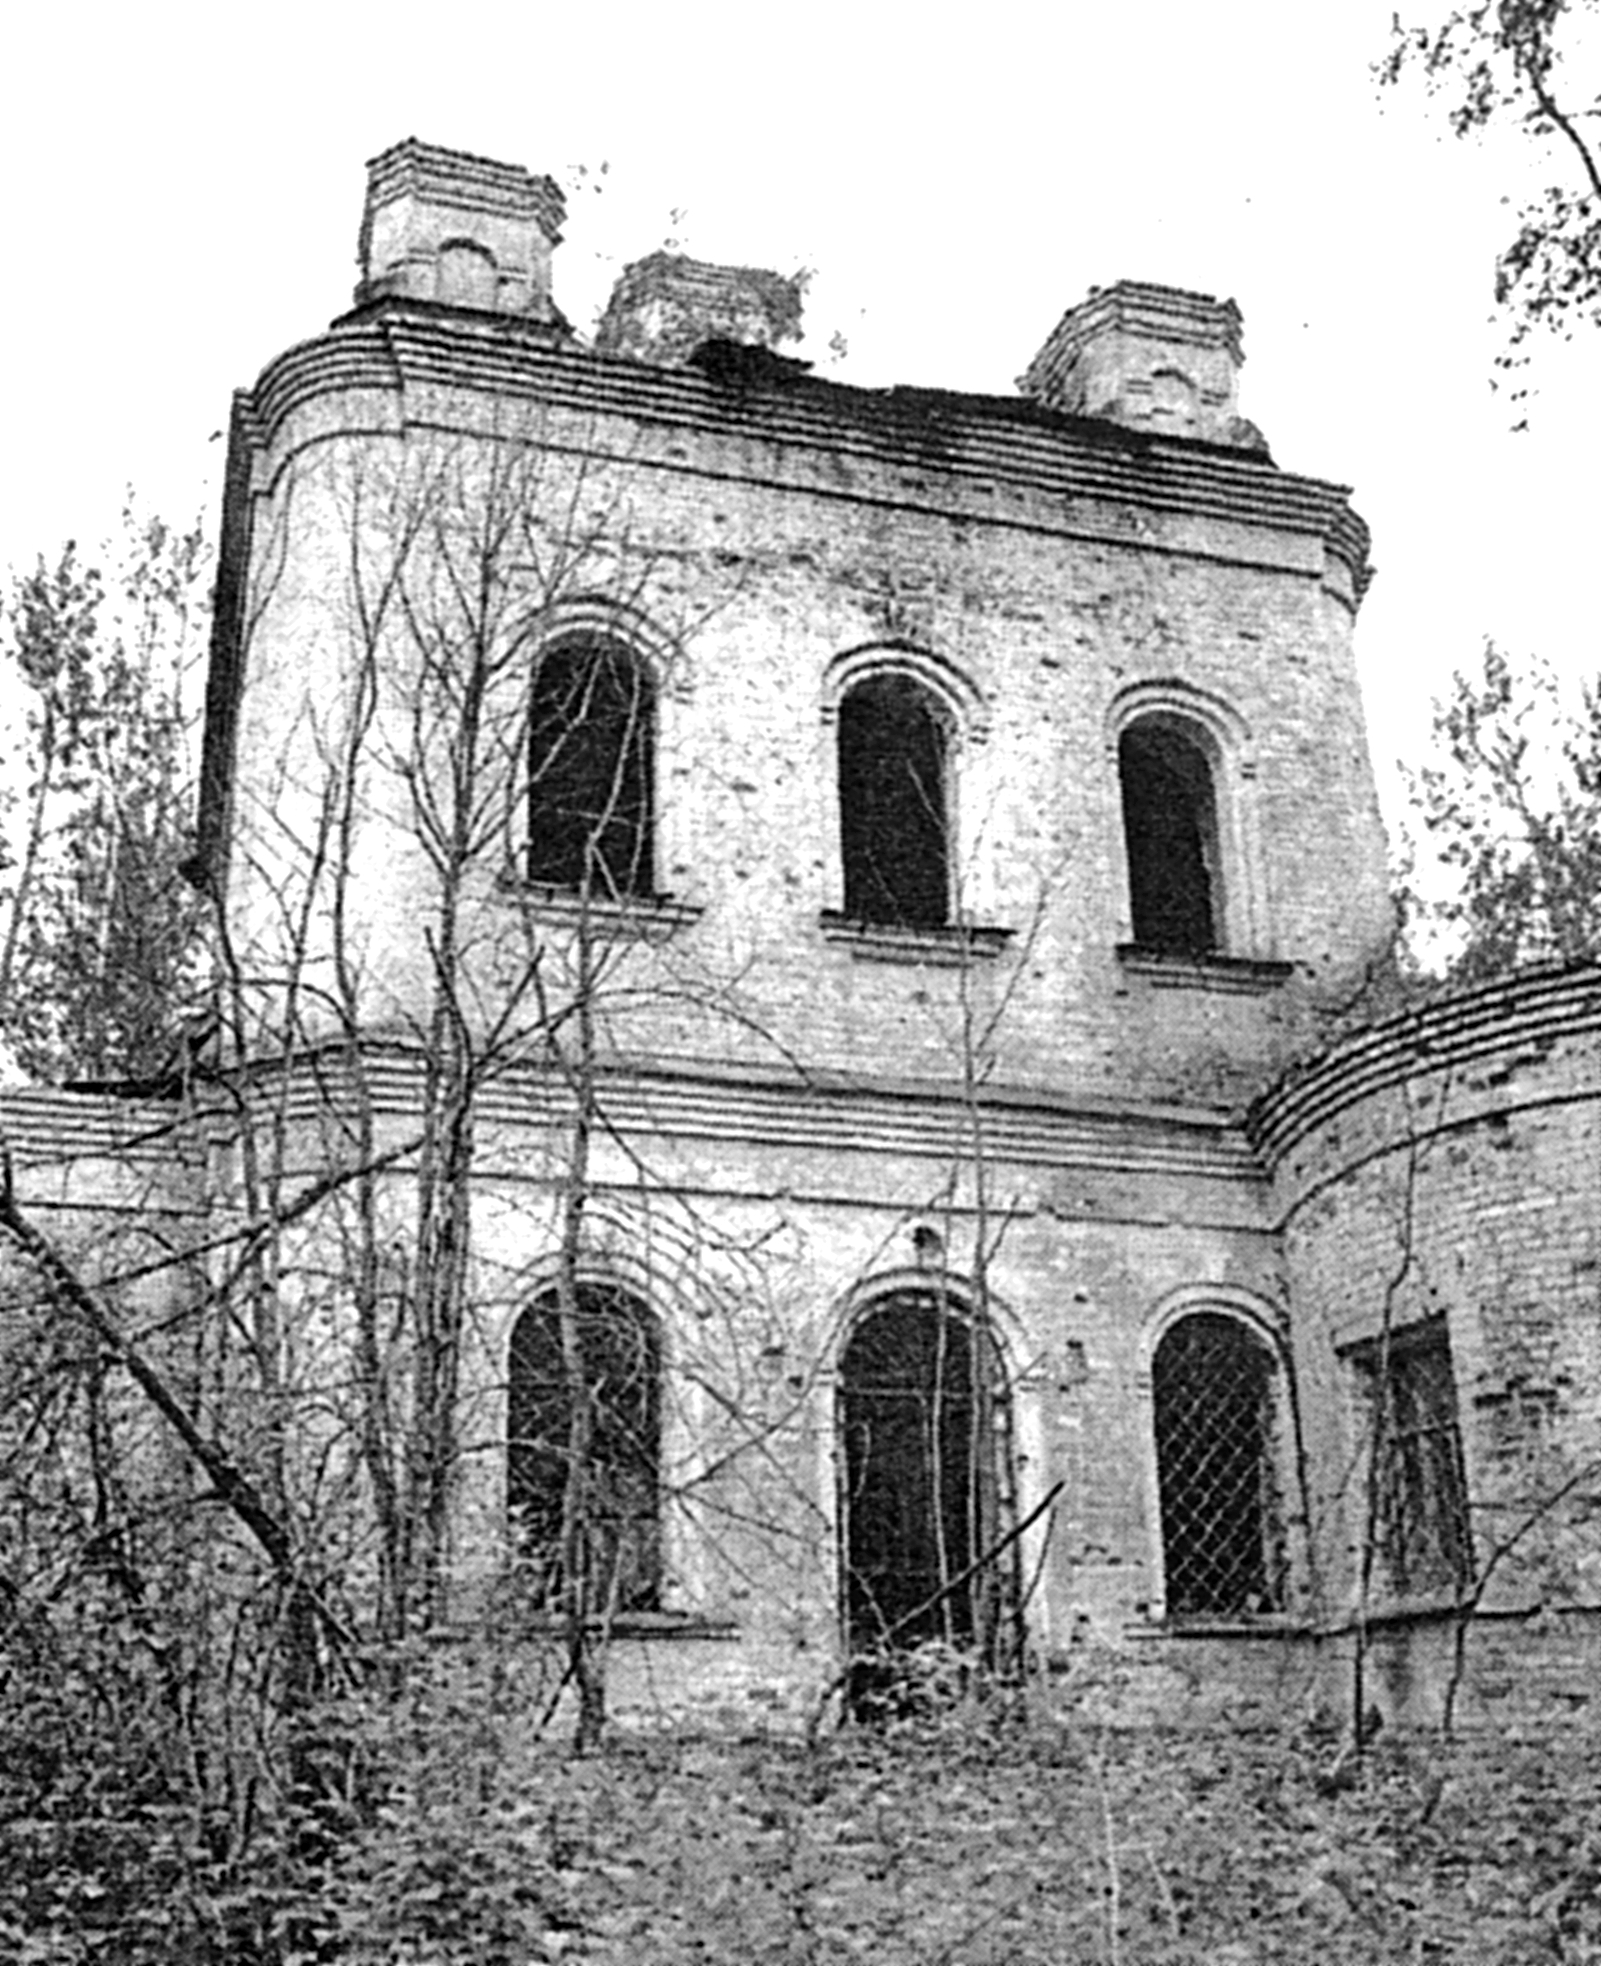 Ризоположенская церковь с. Озерки. Северный фасад. фото 2000 года.